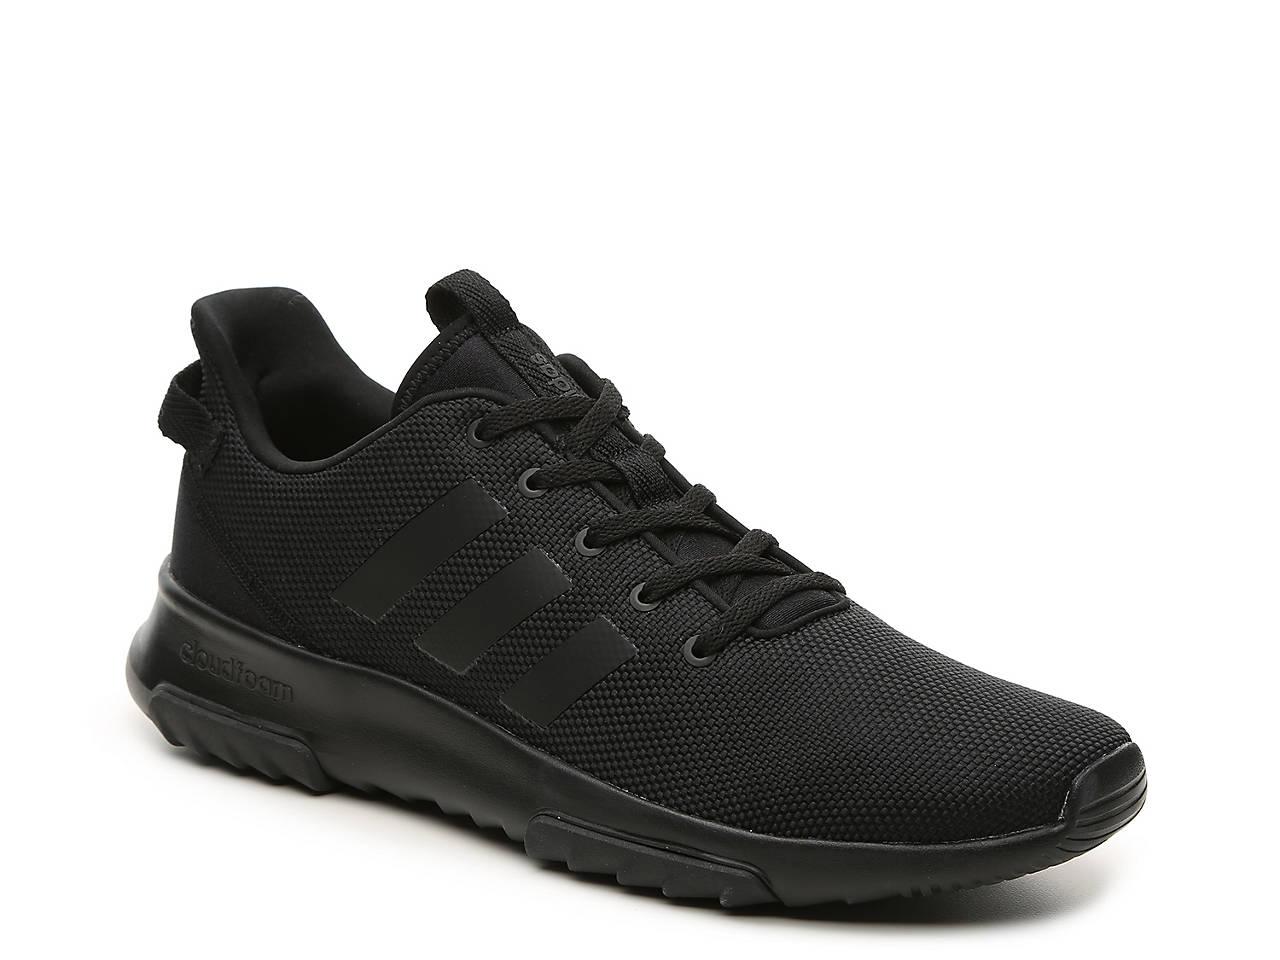 667ce5d01 adidas Cloudfoam Racer TR Sneaker - Men's Men's Shoes | DSW